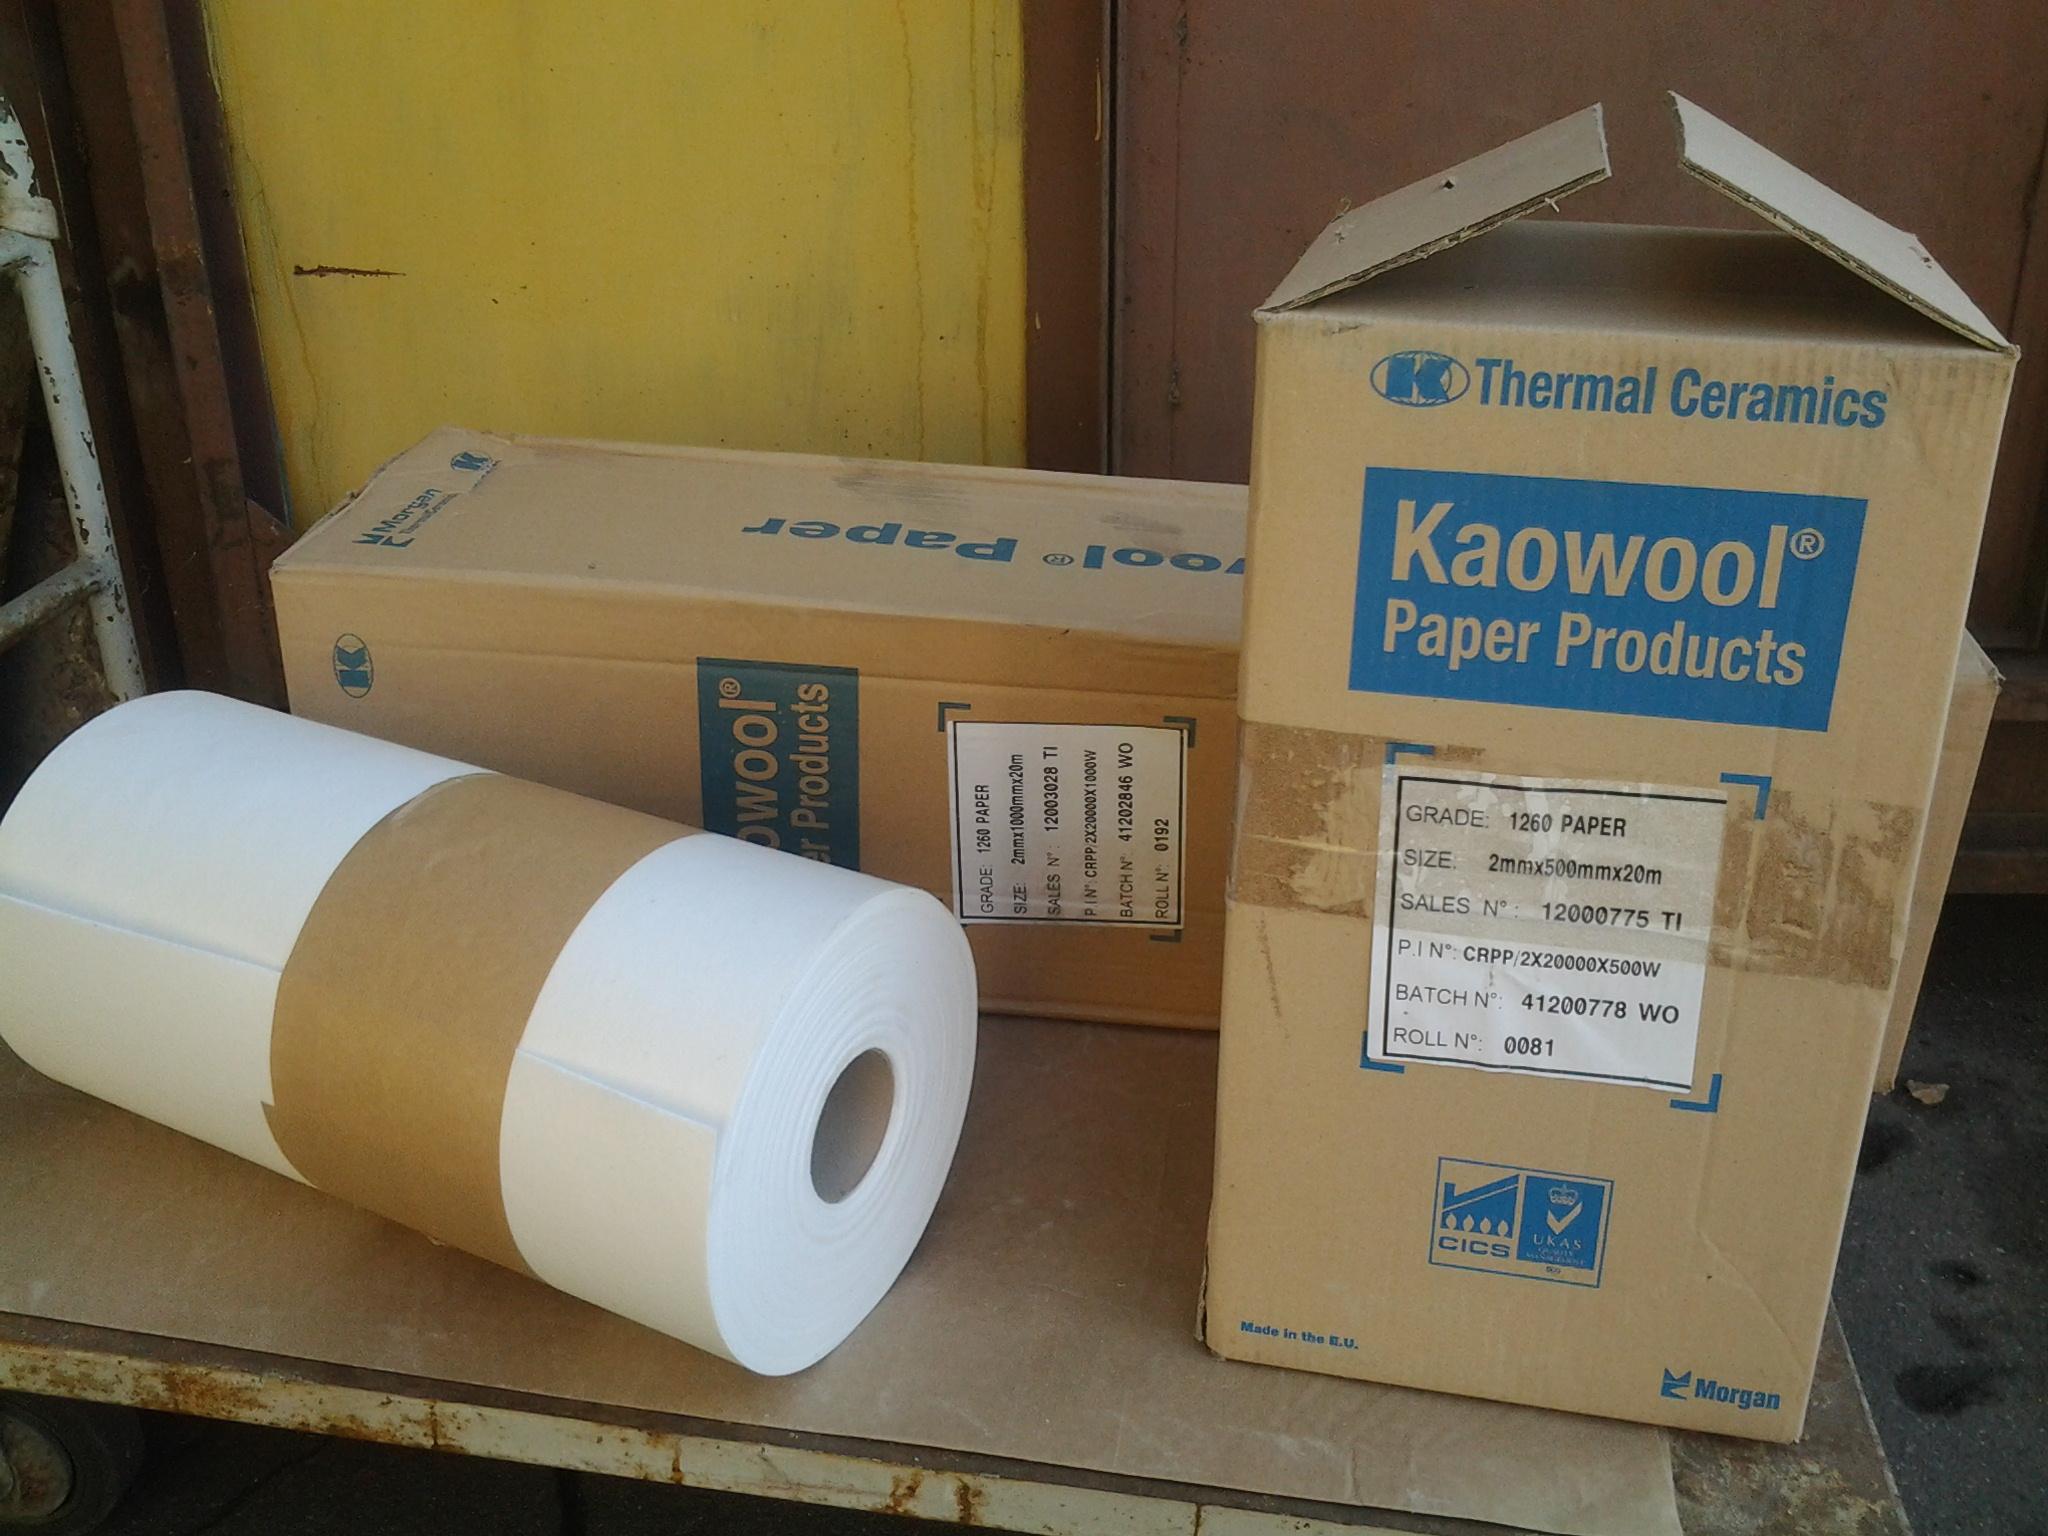 Огнеупорная бумага из керамического волокна Kaowool 1260 Paper